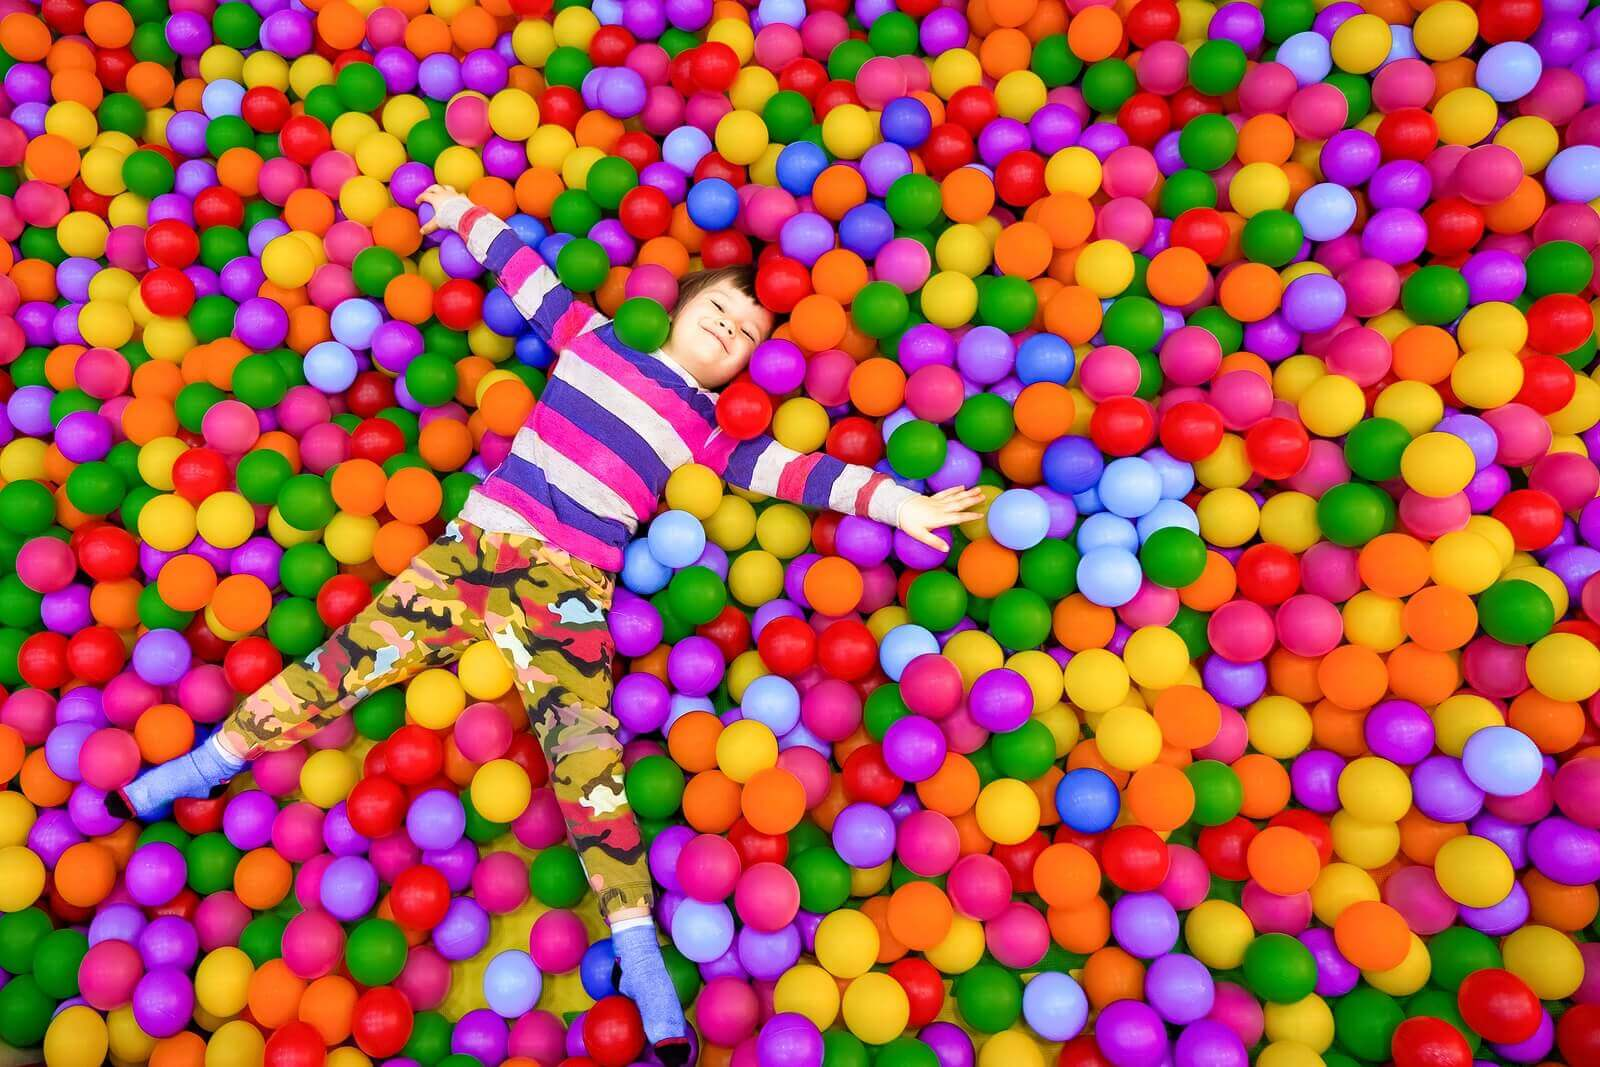 Een kind ligt in een ballenbak